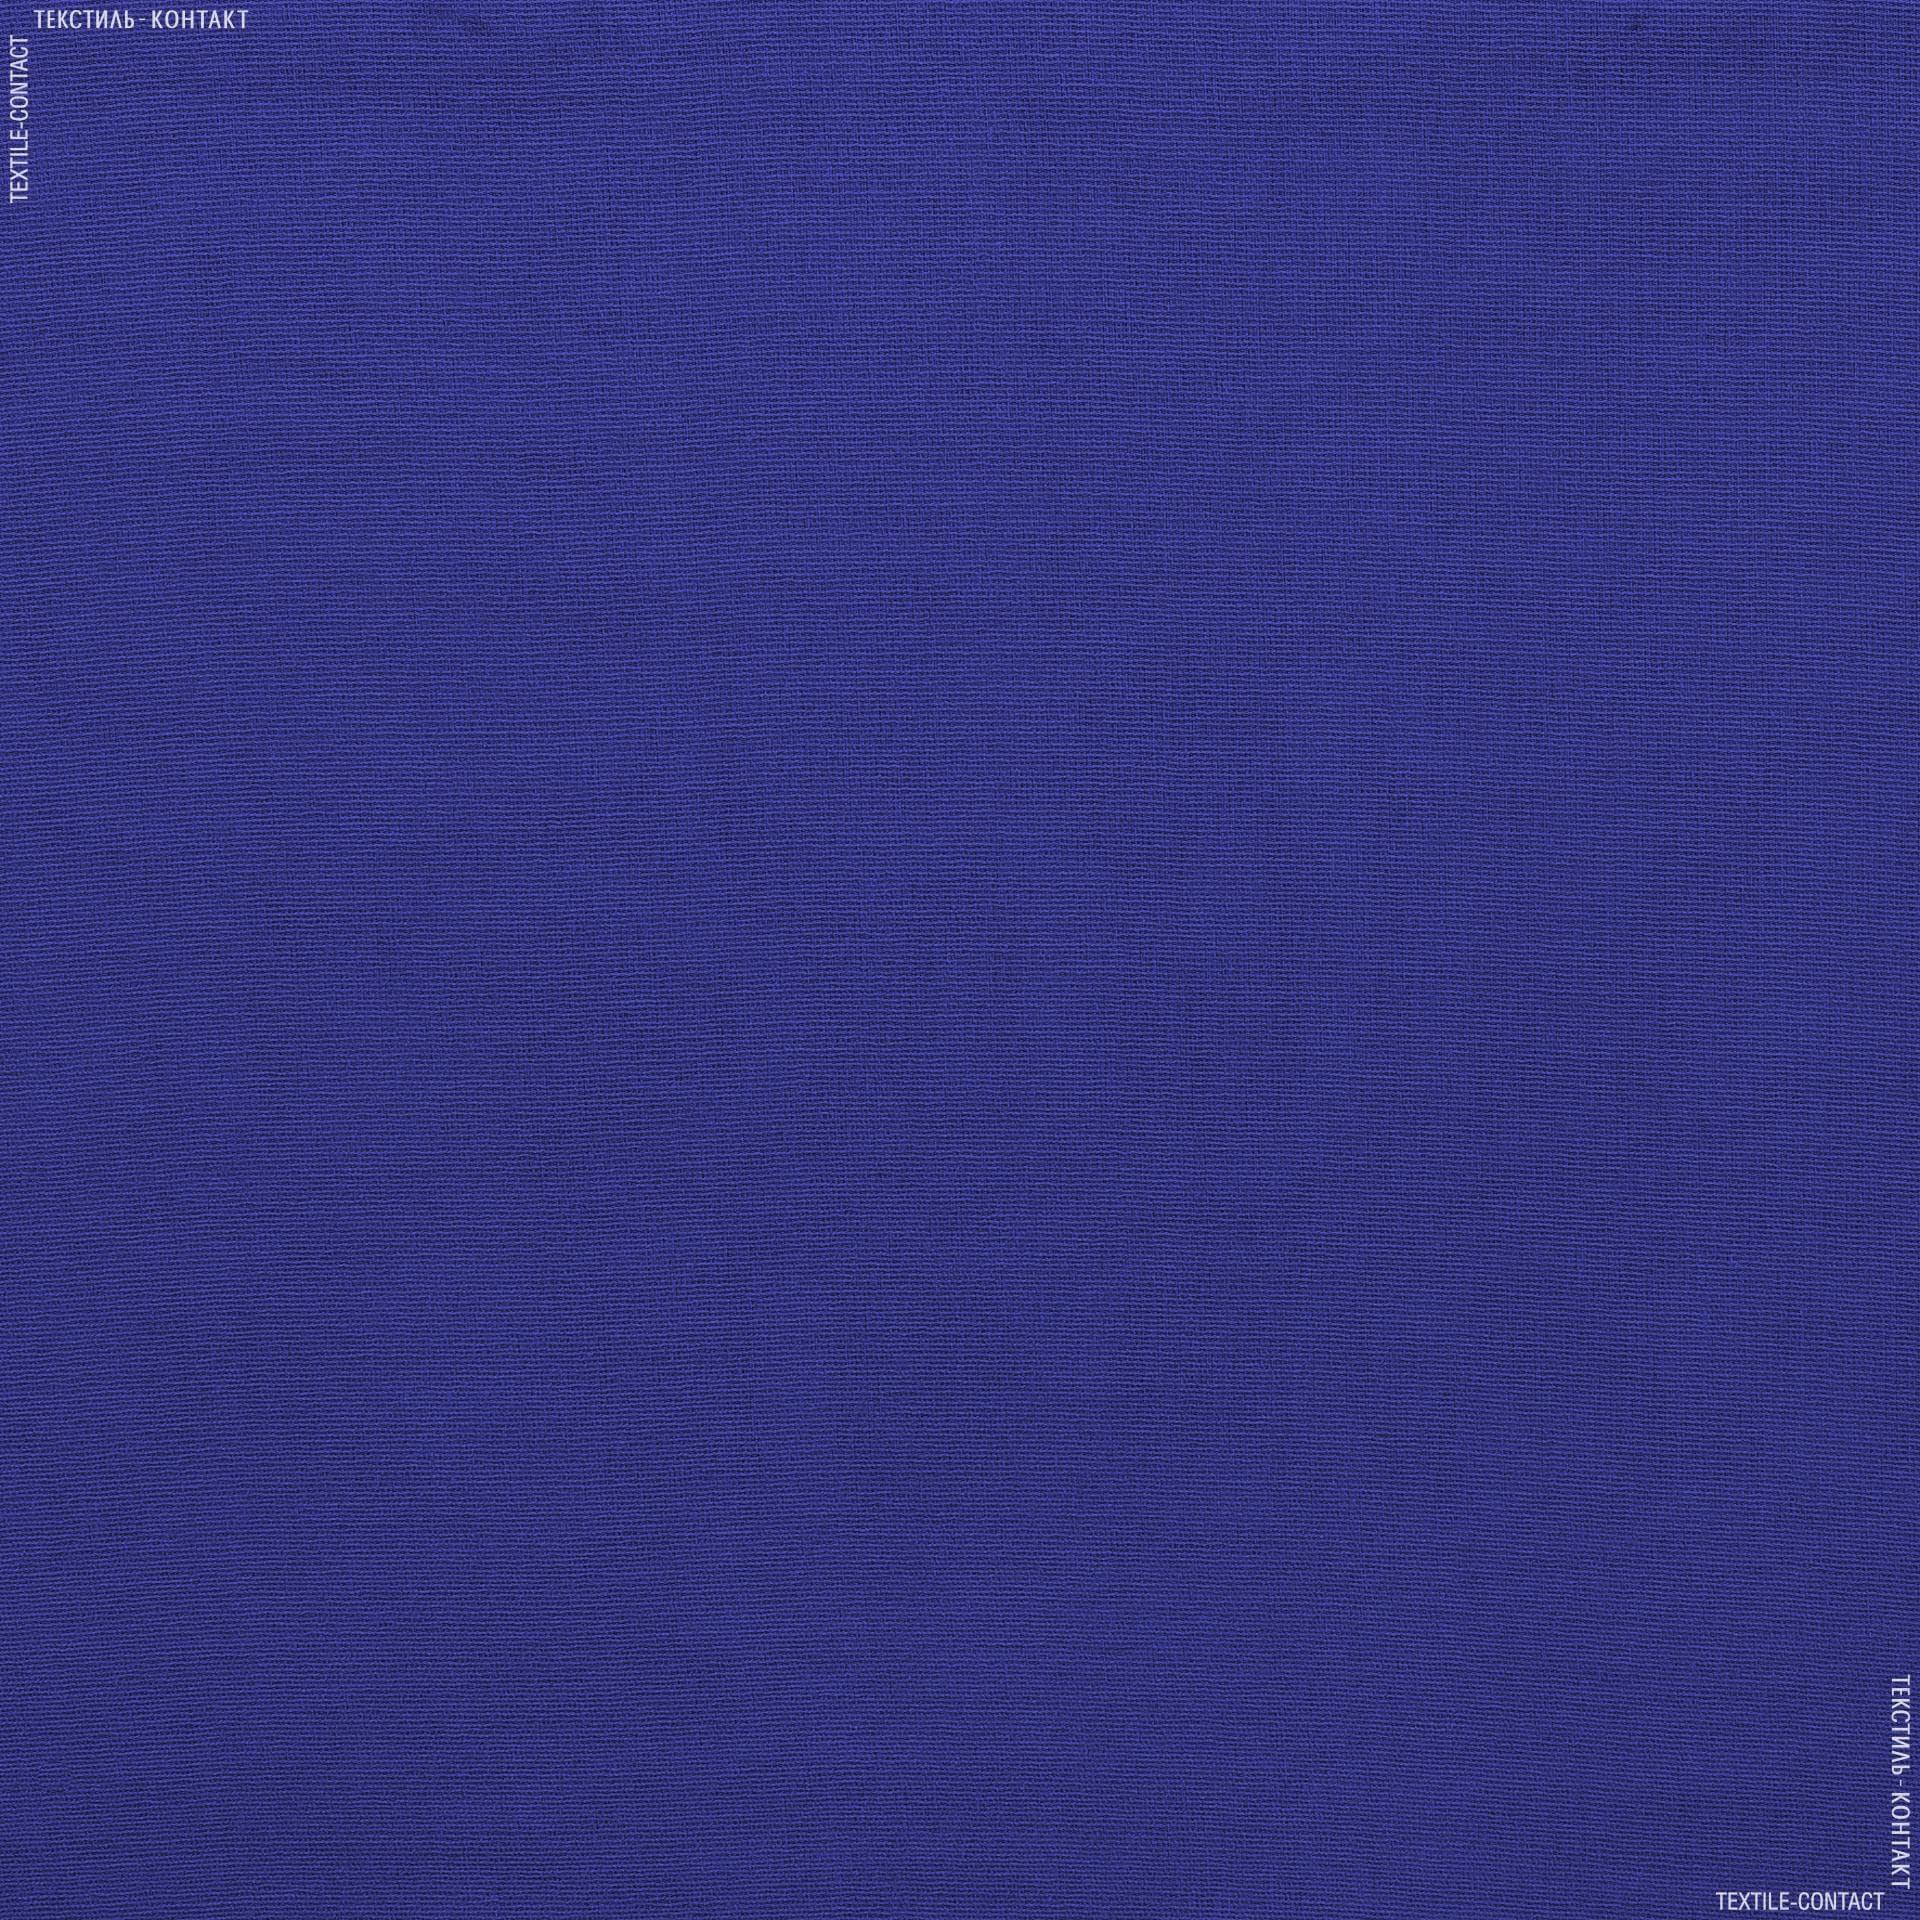 Ткани для детской одежды - Ситец синий